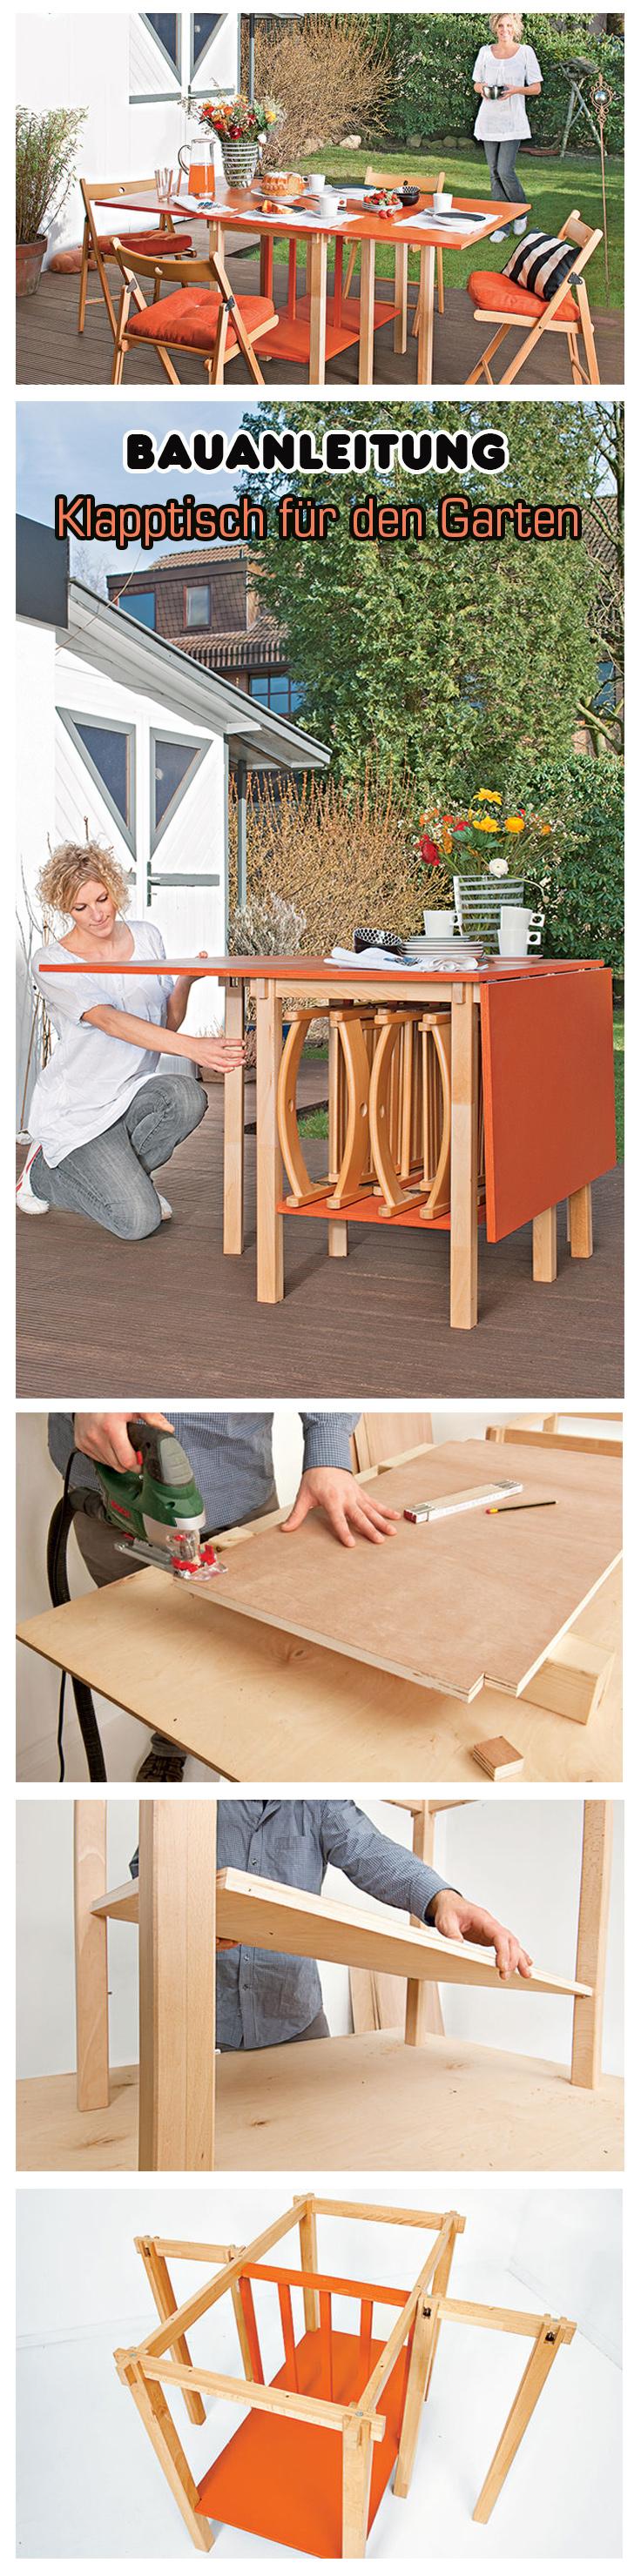 campingtisch gartenm bel bauen pinterest garten klapptisch und tisch. Black Bedroom Furniture Sets. Home Design Ideas